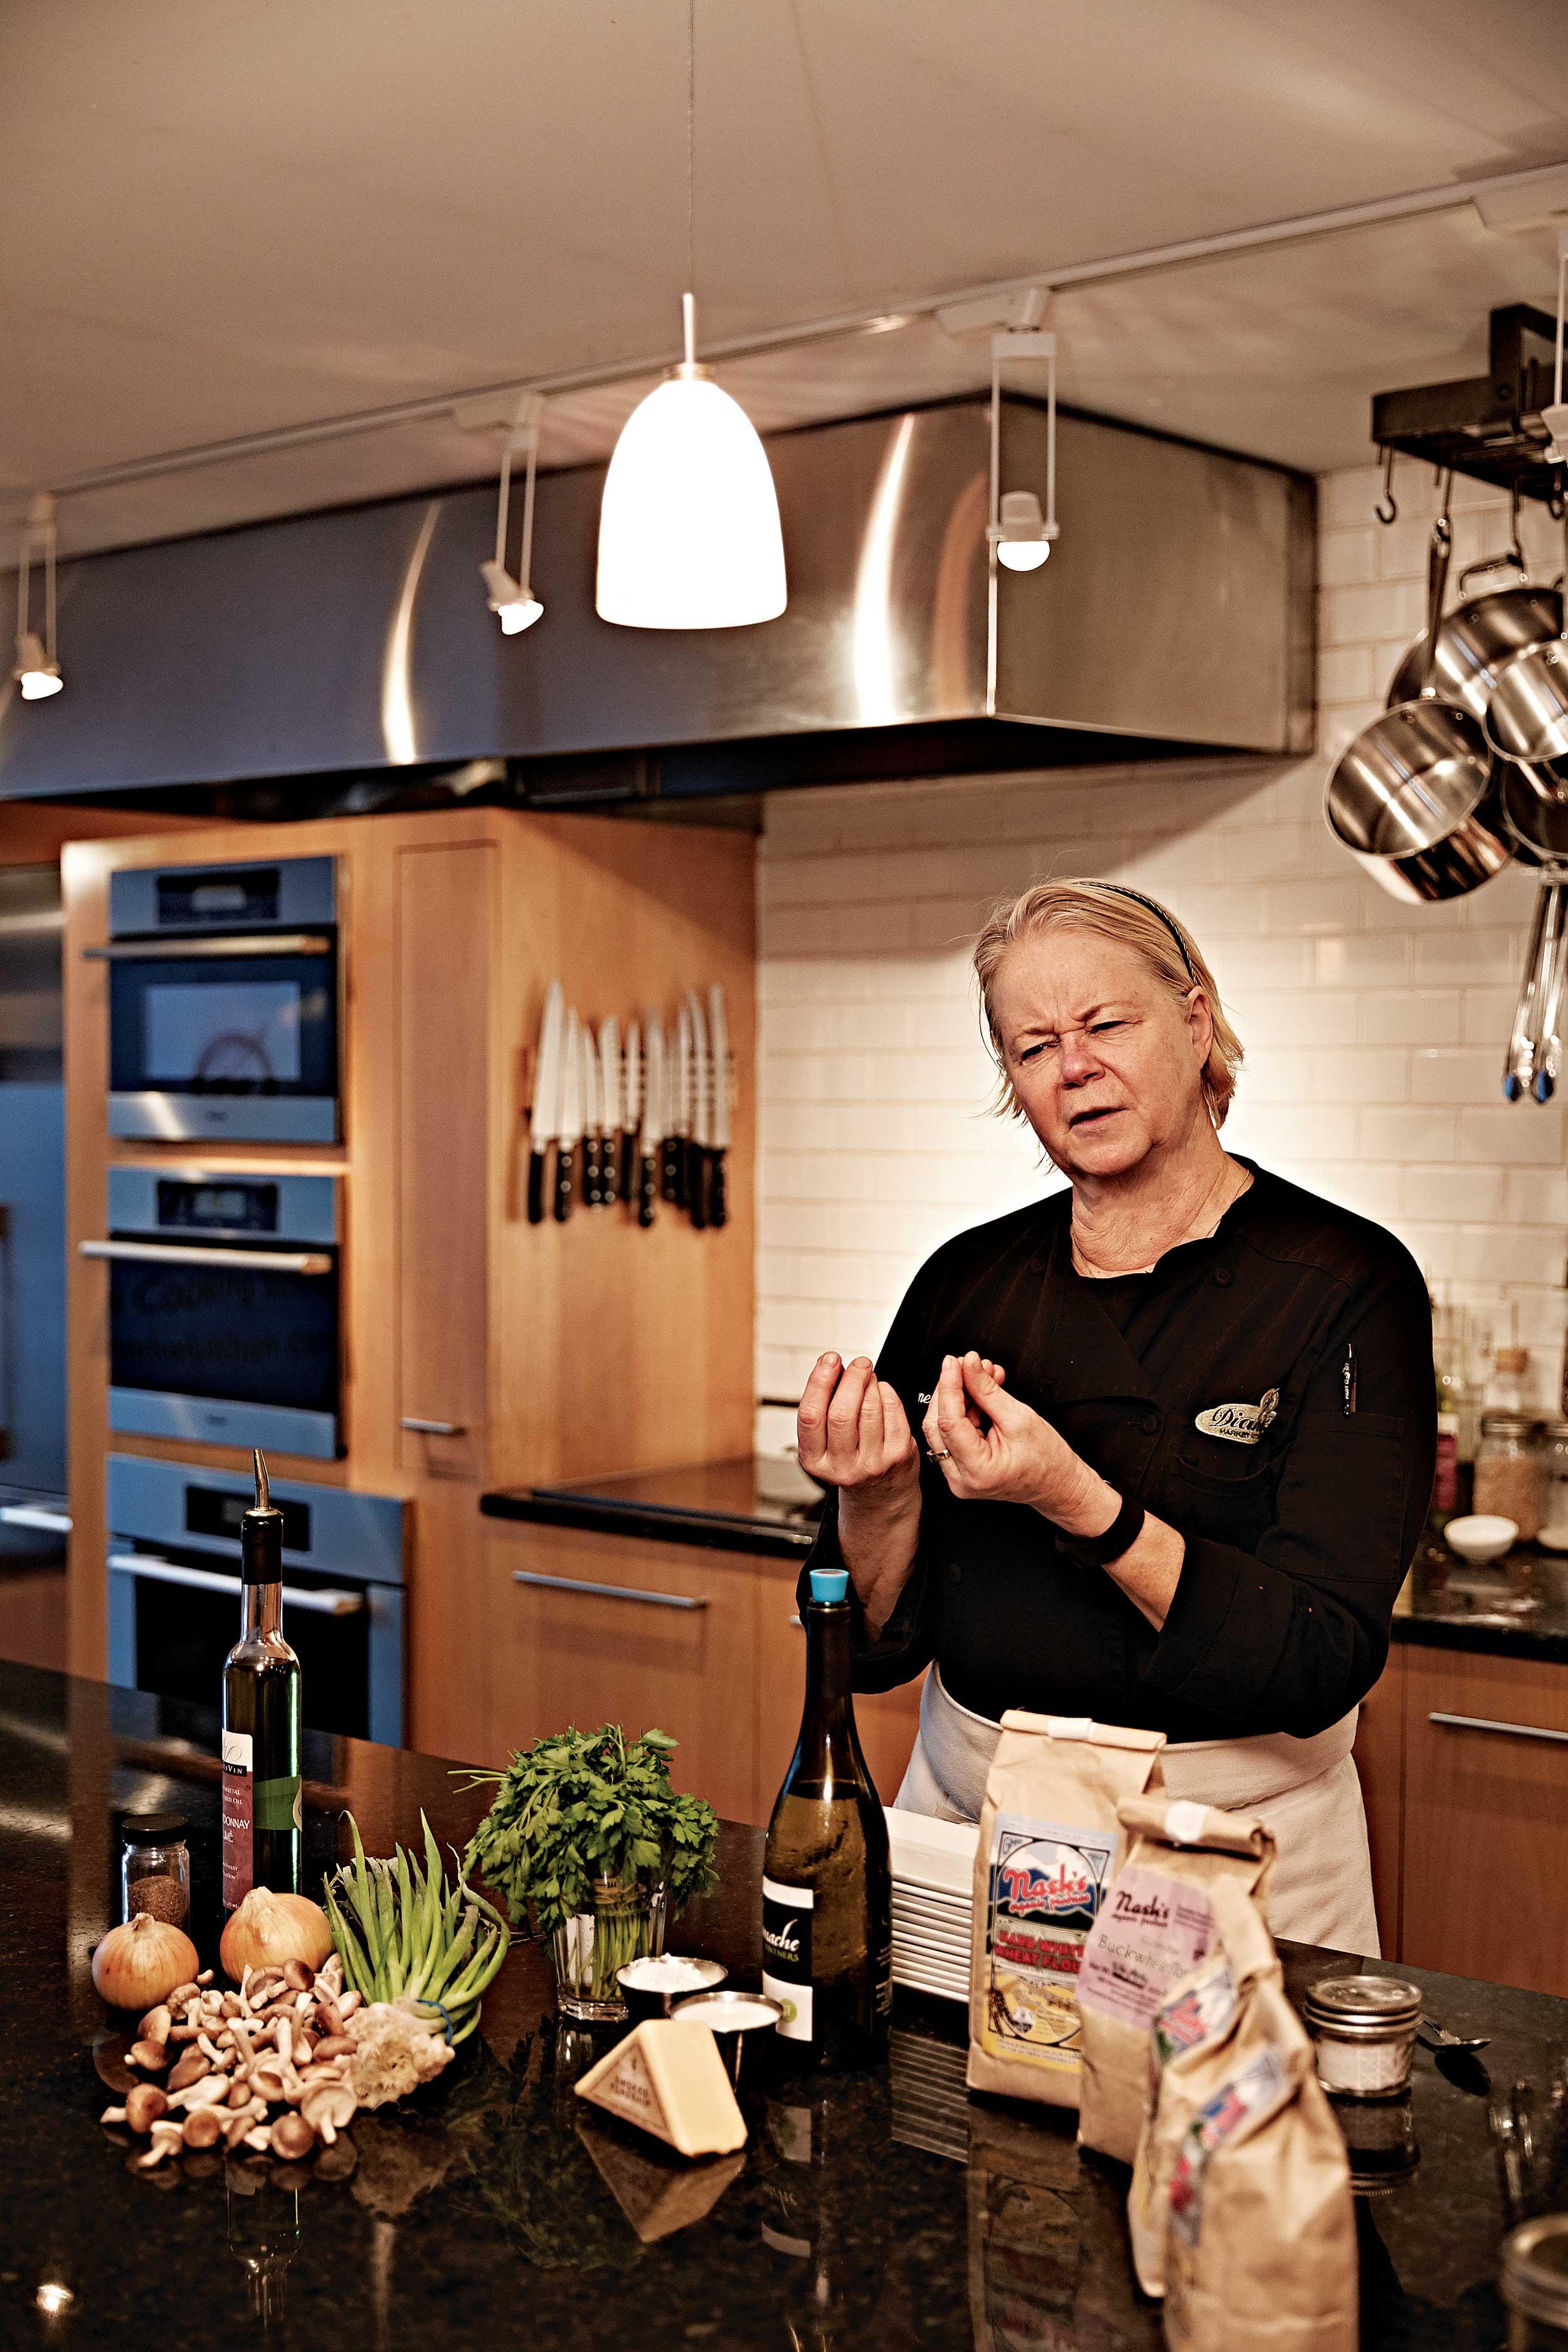 다이앤의 쿠킹 클래스에서는 좋은 식재료 선택이 요리에 미치는 영향에 대해 자연스럽게 터득할 수 있다. © 심윤석